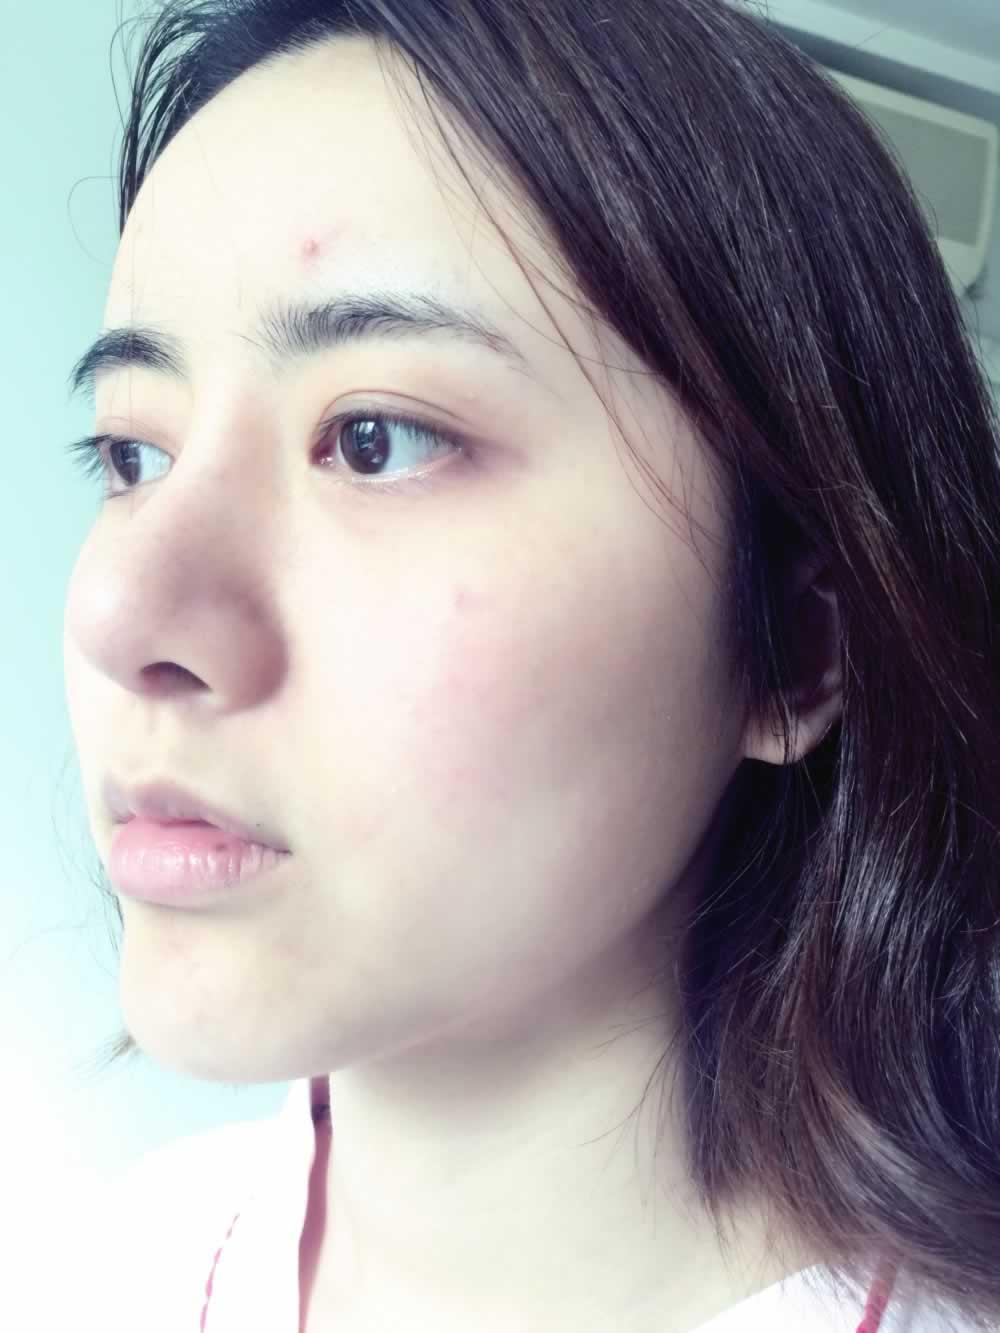 自体脂肪填充术后处理与风险?想做开外眼角自体脂肪隆鼻全脸塑形能一起做吗外加种植睫毛